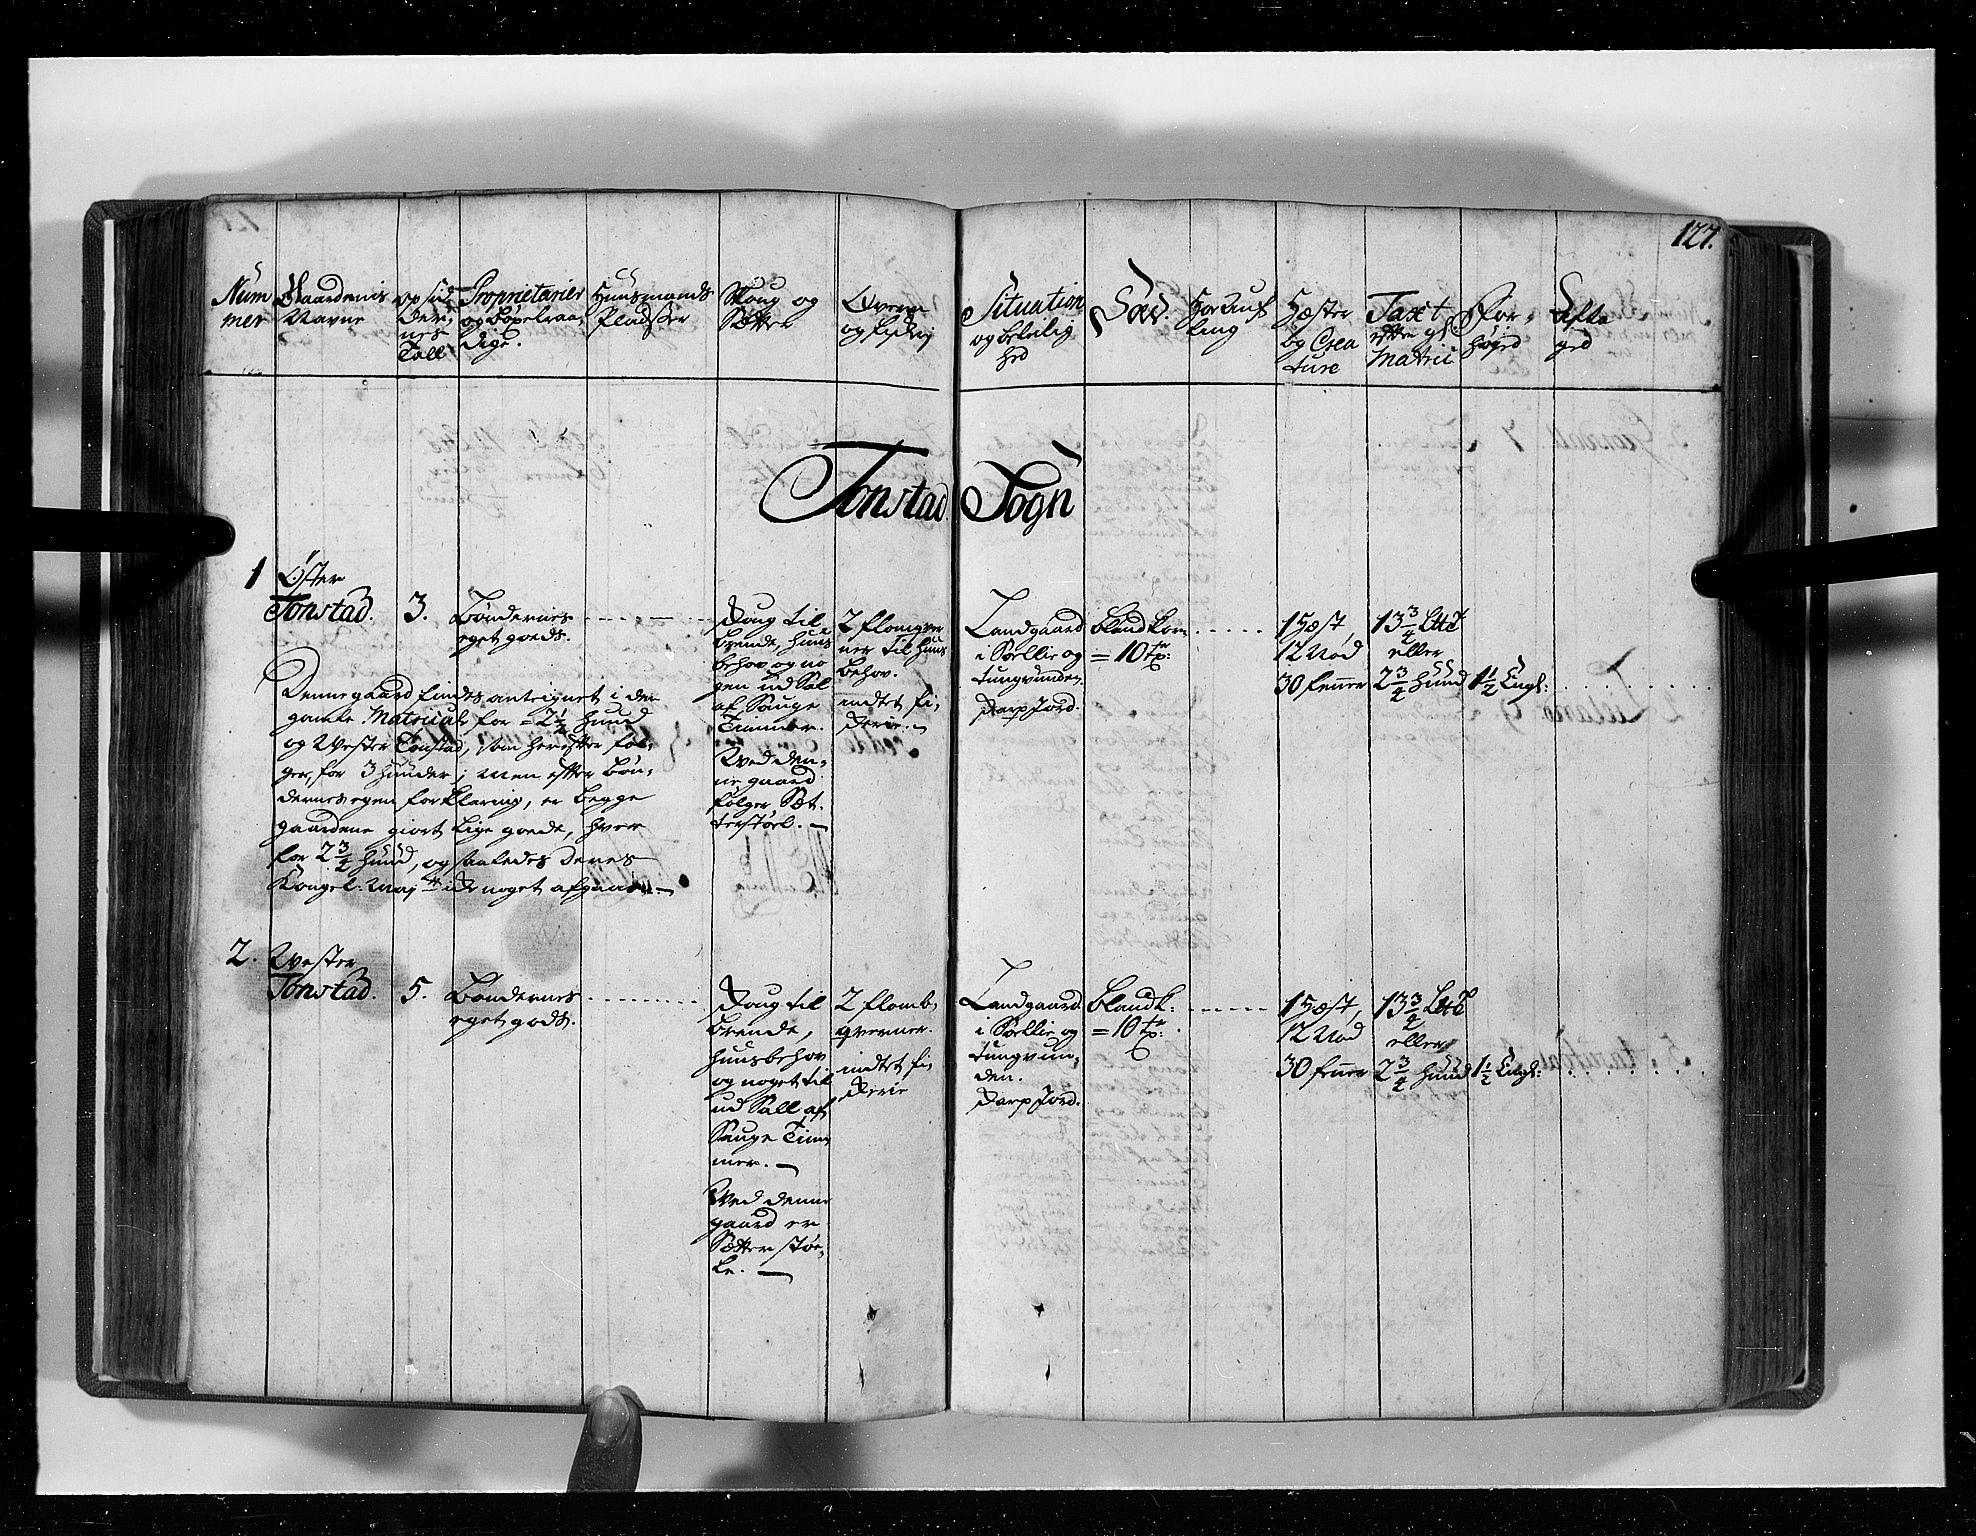 RA, Rentekammeret inntil 1814, Realistisk ordnet avdeling, N/Nb/Nbf/L0129: Lista eksaminasjonsprotokoll, 1723, s. 126b-127a